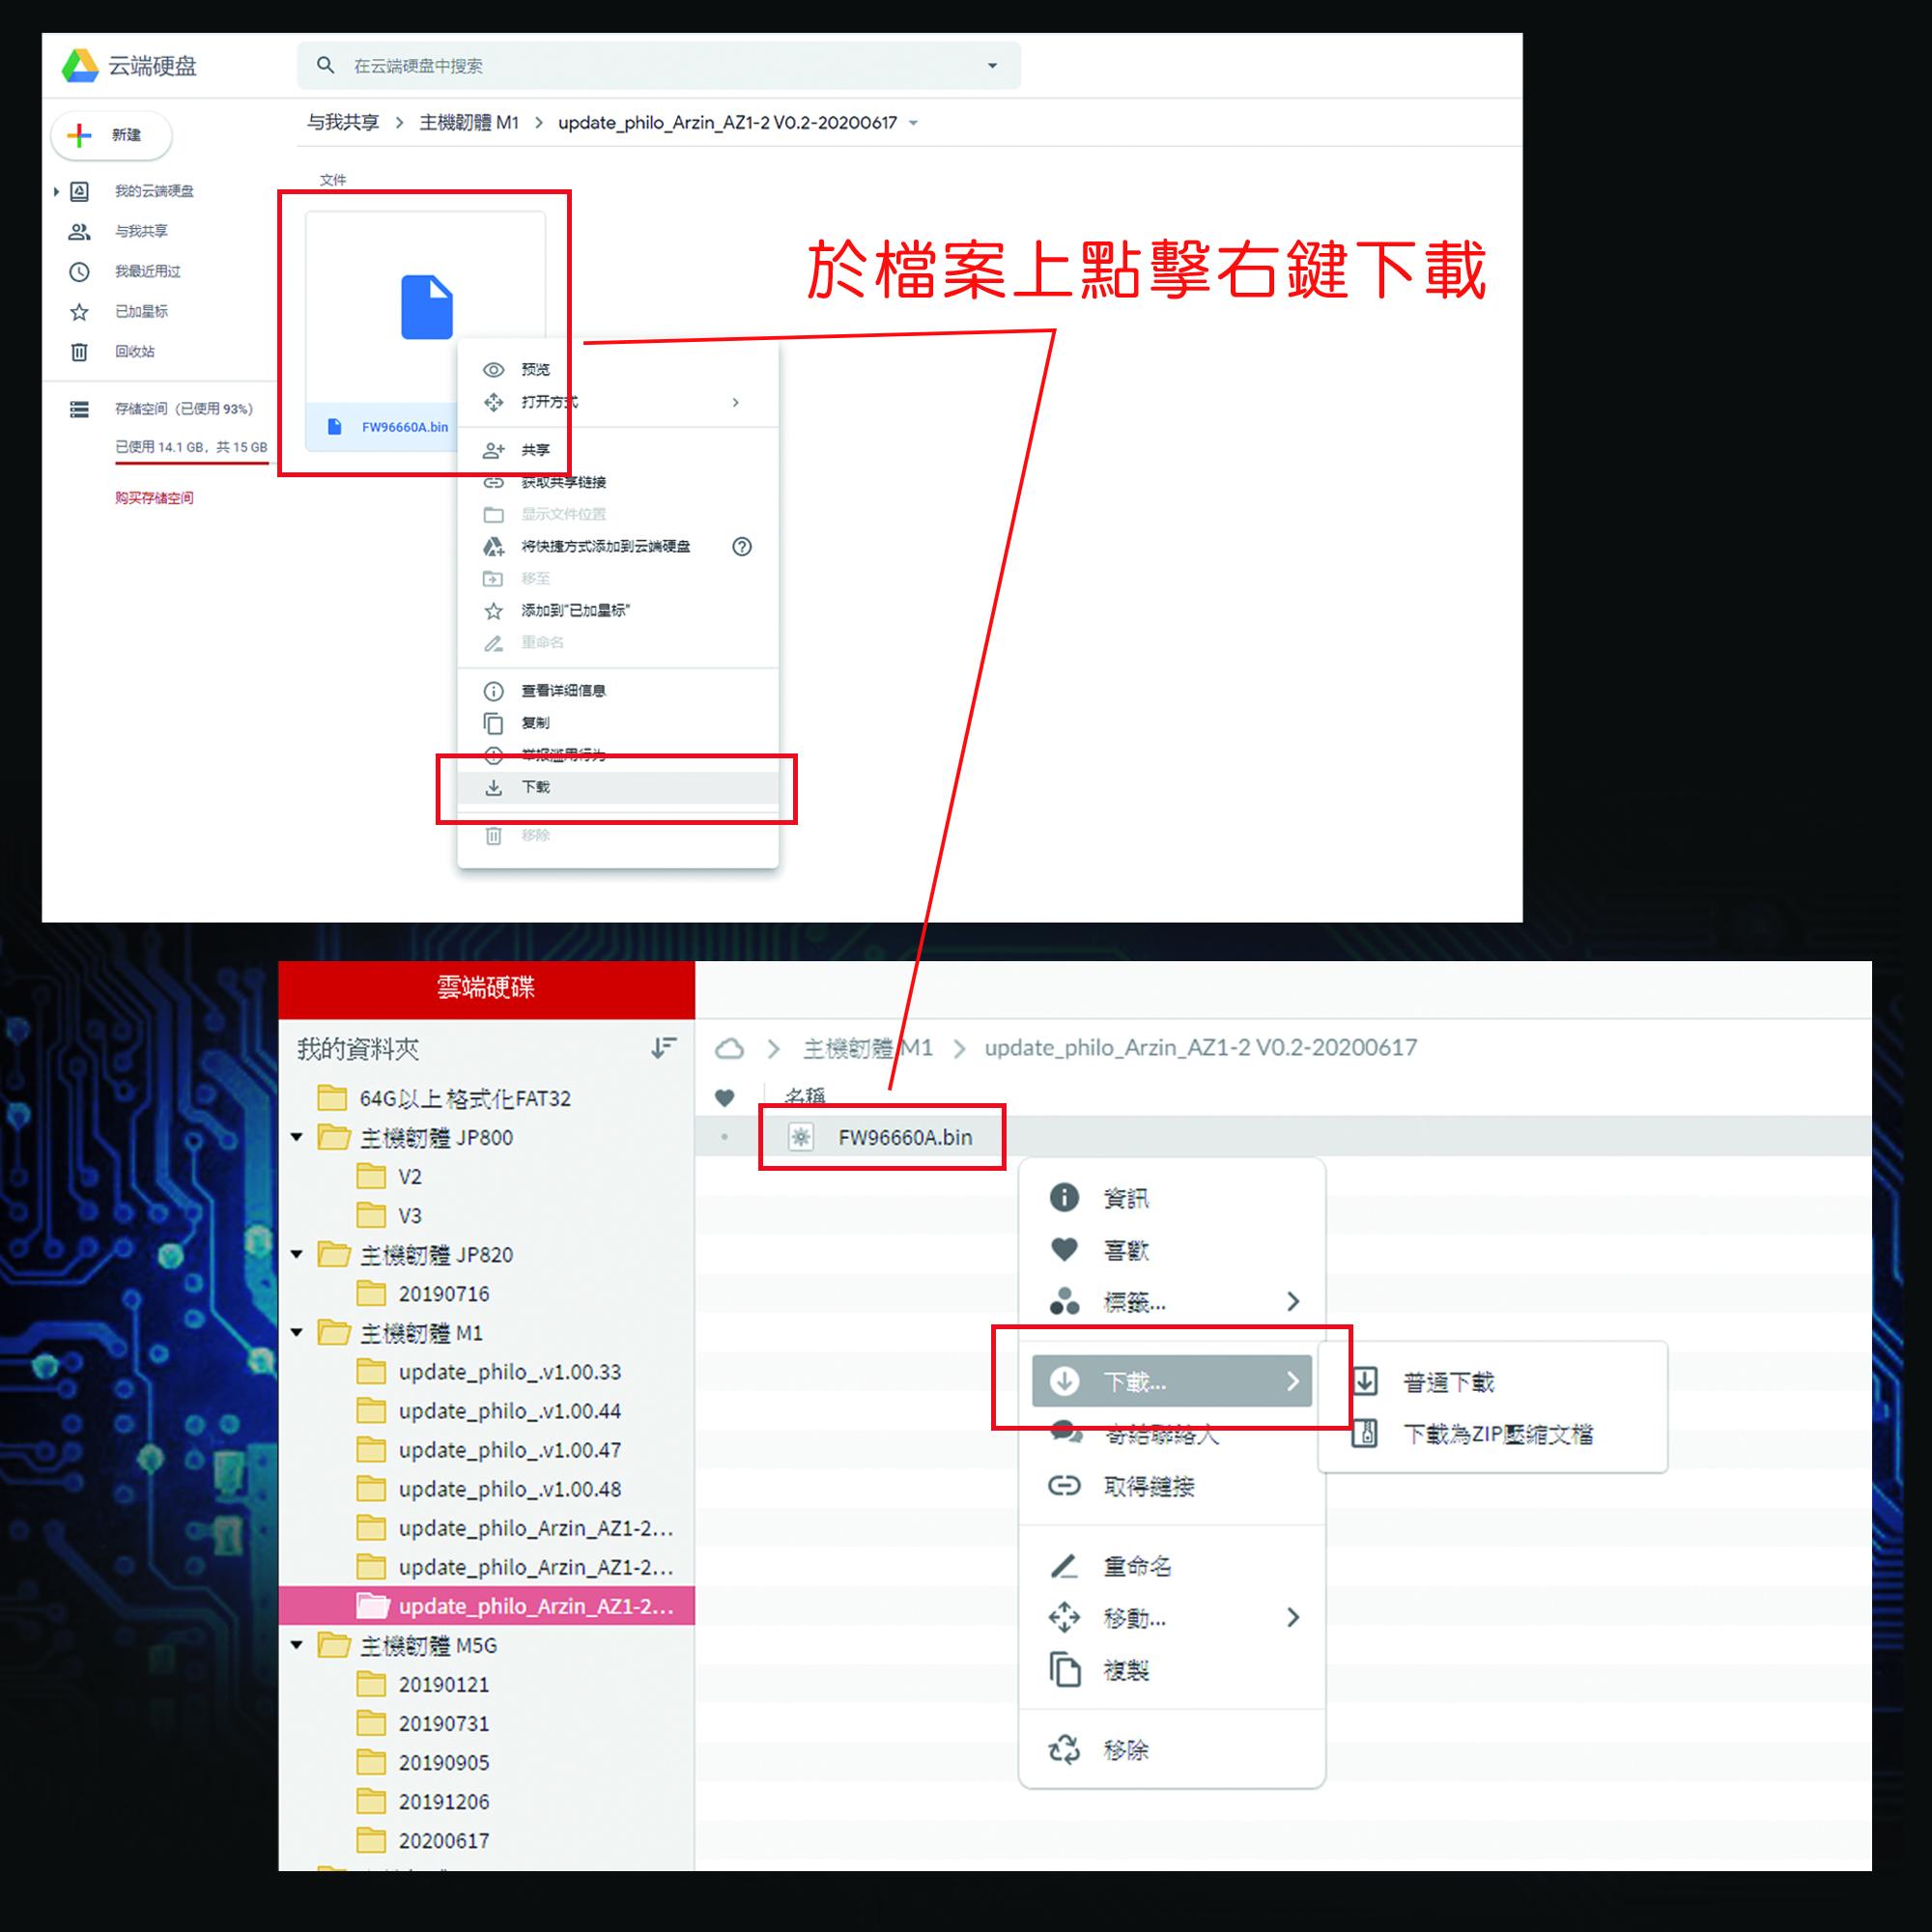 歐達數位 / 發布區: 韌體更新 - M1+(2020年版本) - V0.2 2020/06/17